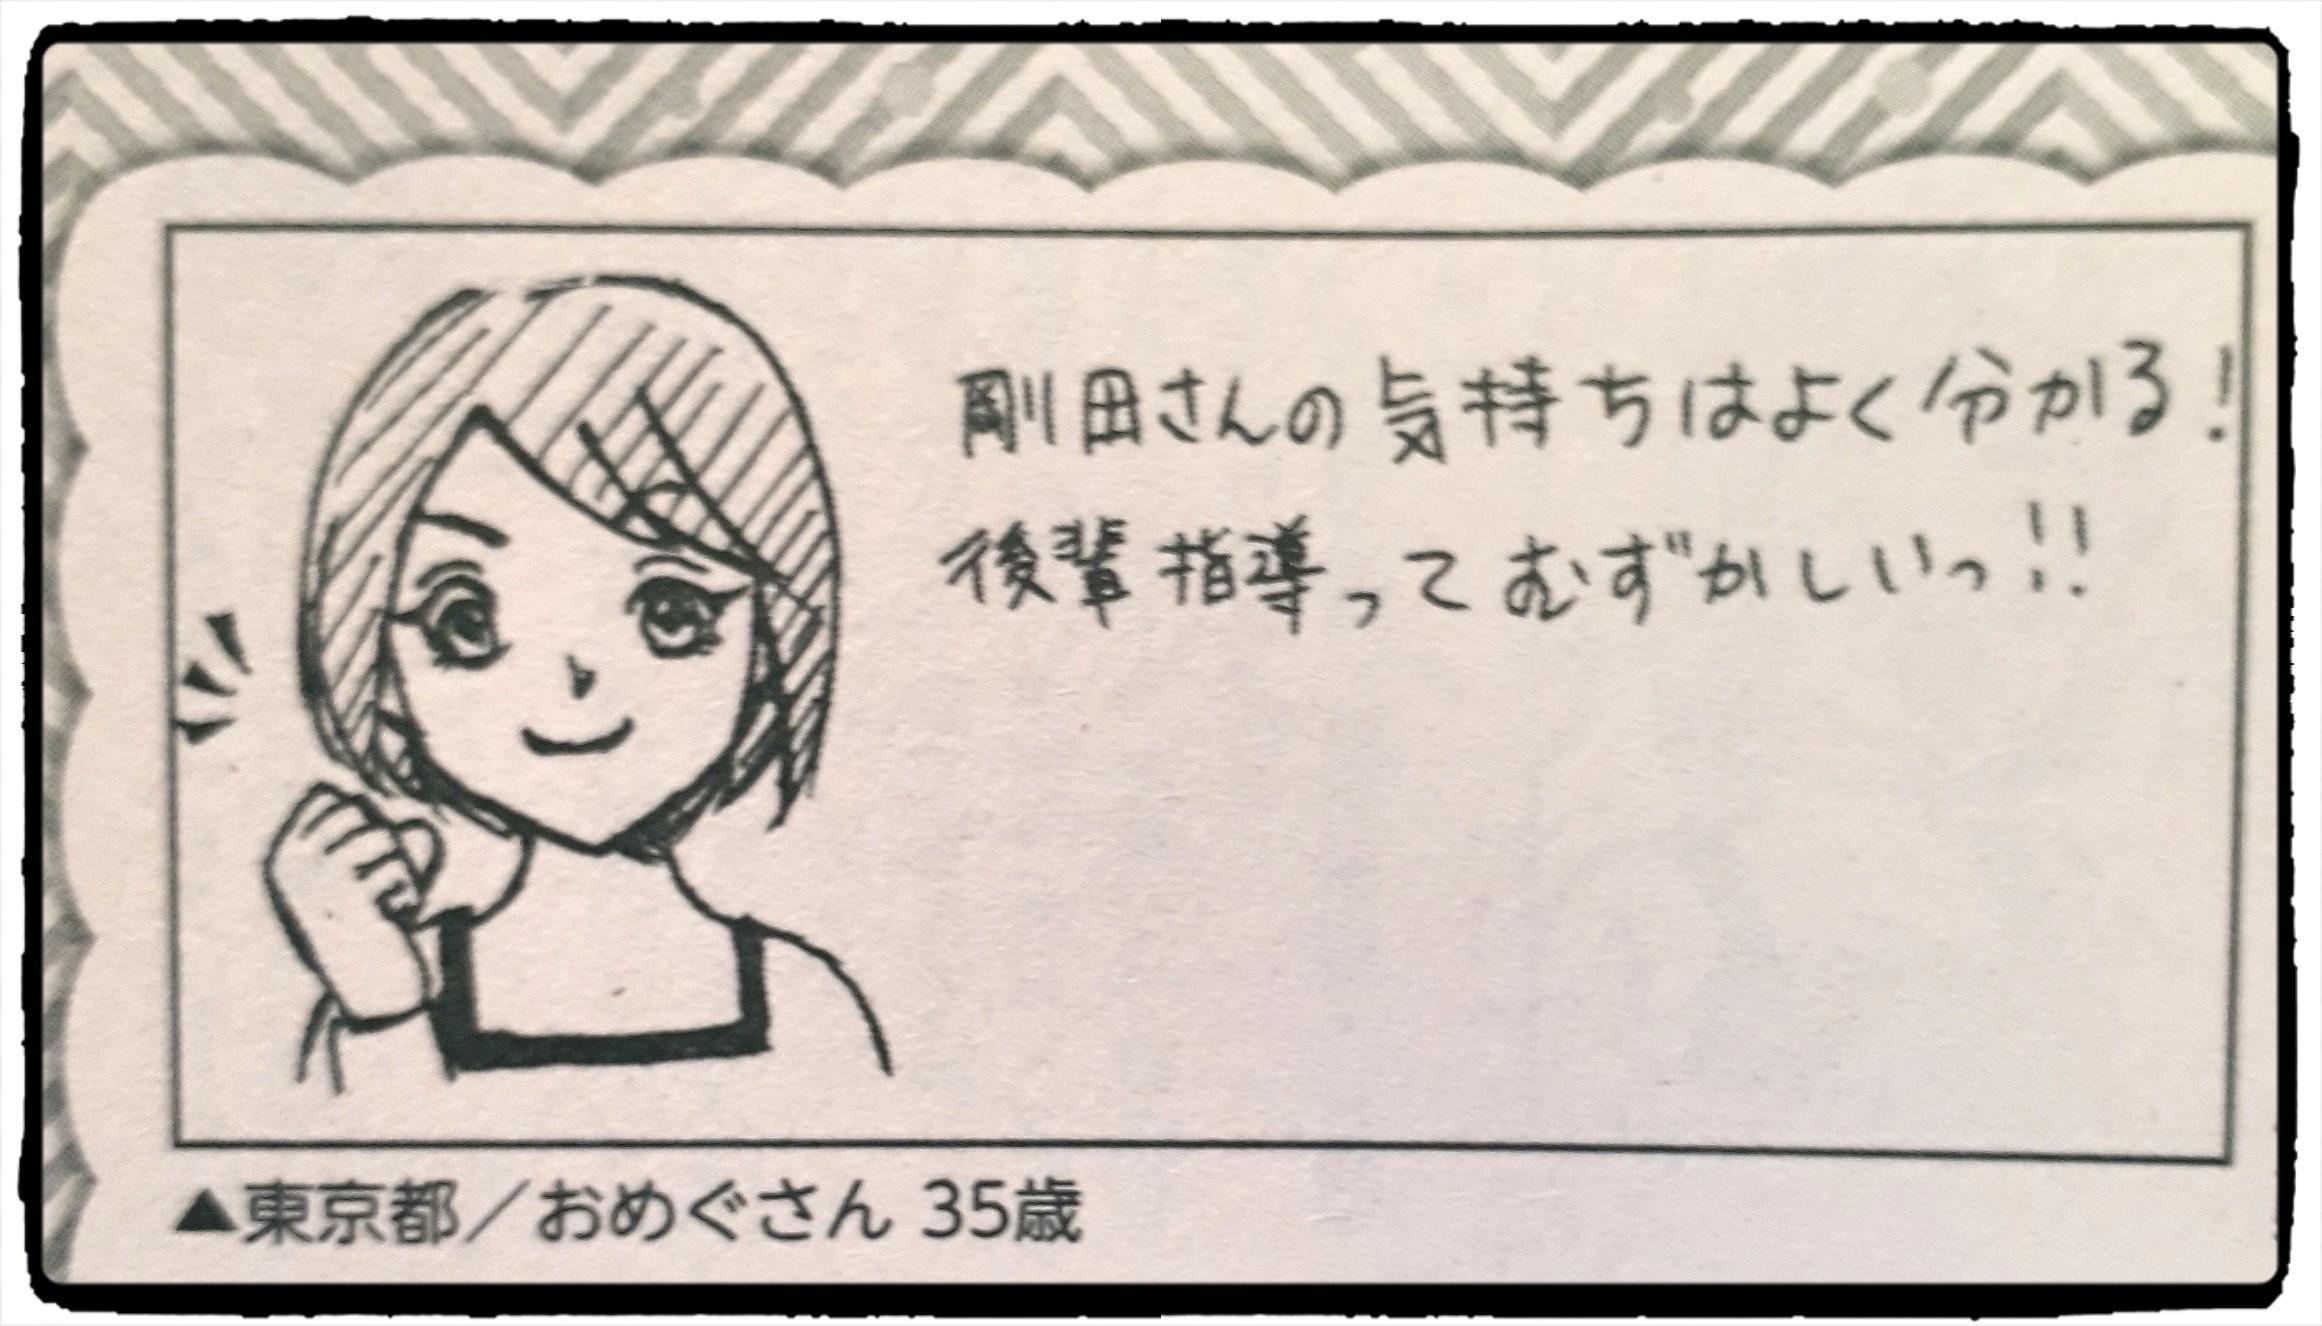 Fotor_159368462067414.jpg